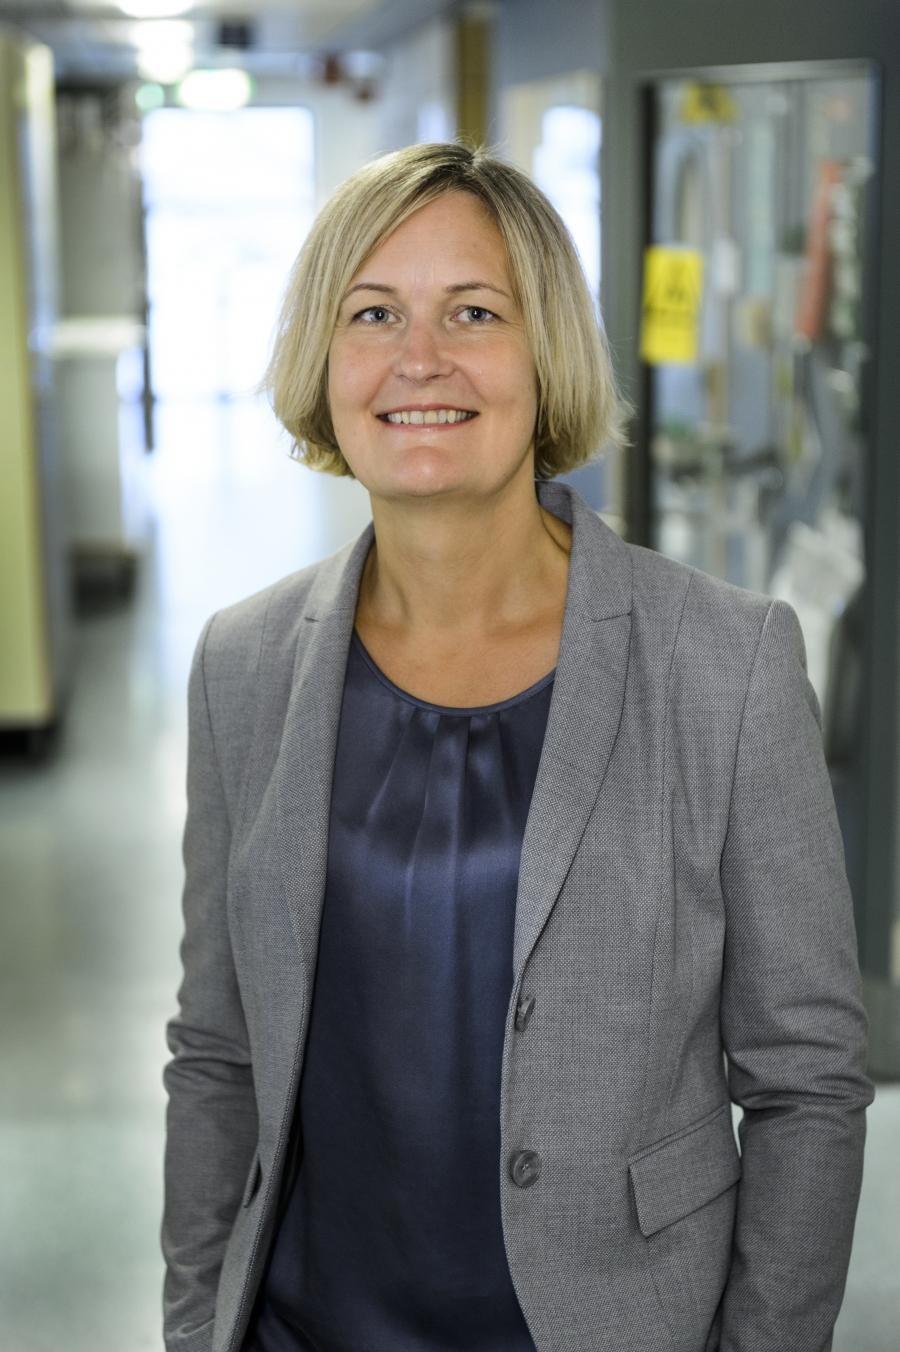 Daniela Akerblom